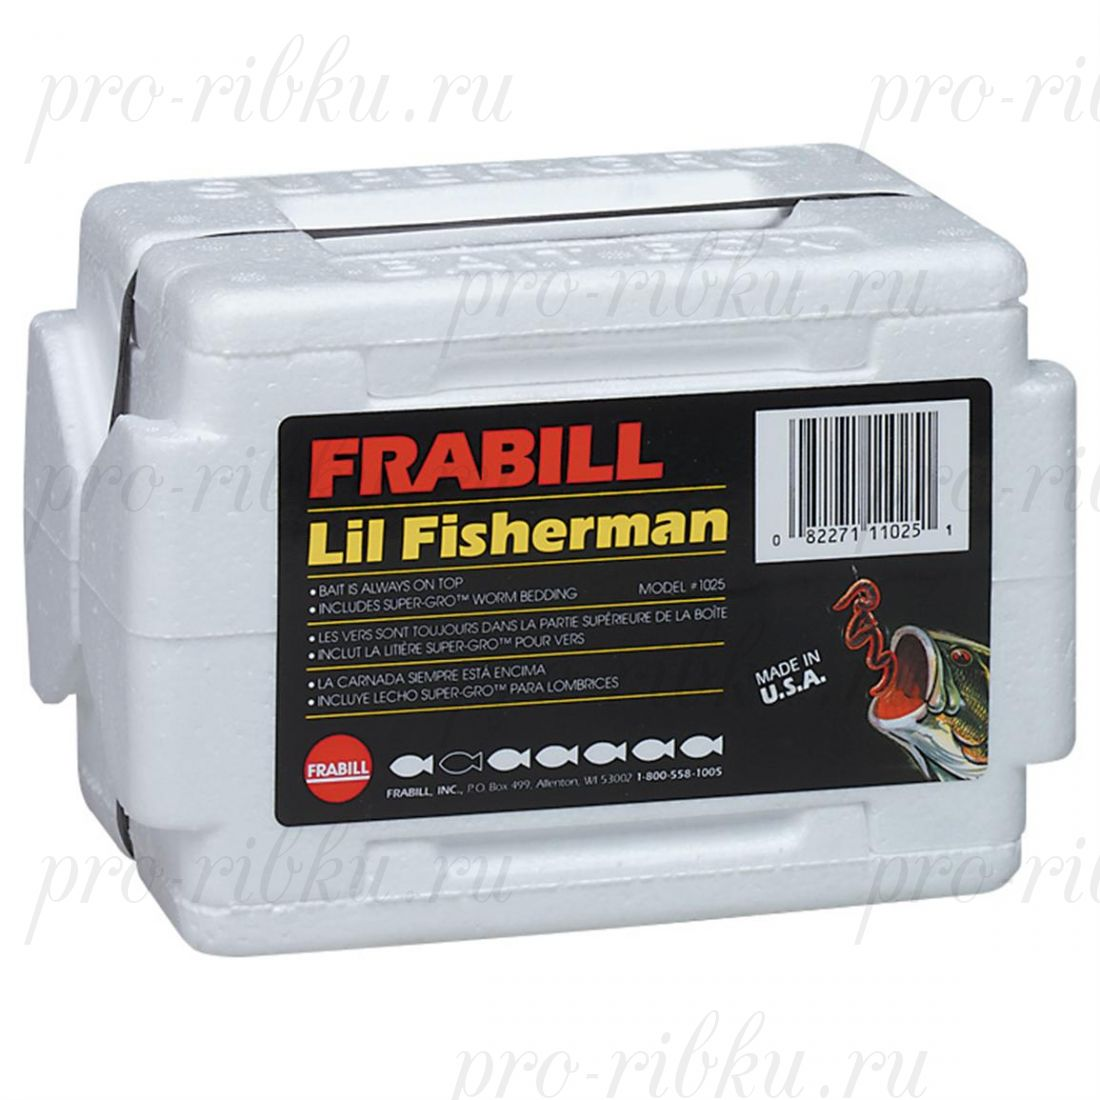 Контейнер двойной Frabill LIL' Fisherman worm Tote для хранения живых приманок до 2 порций с Super-Gro беддингом